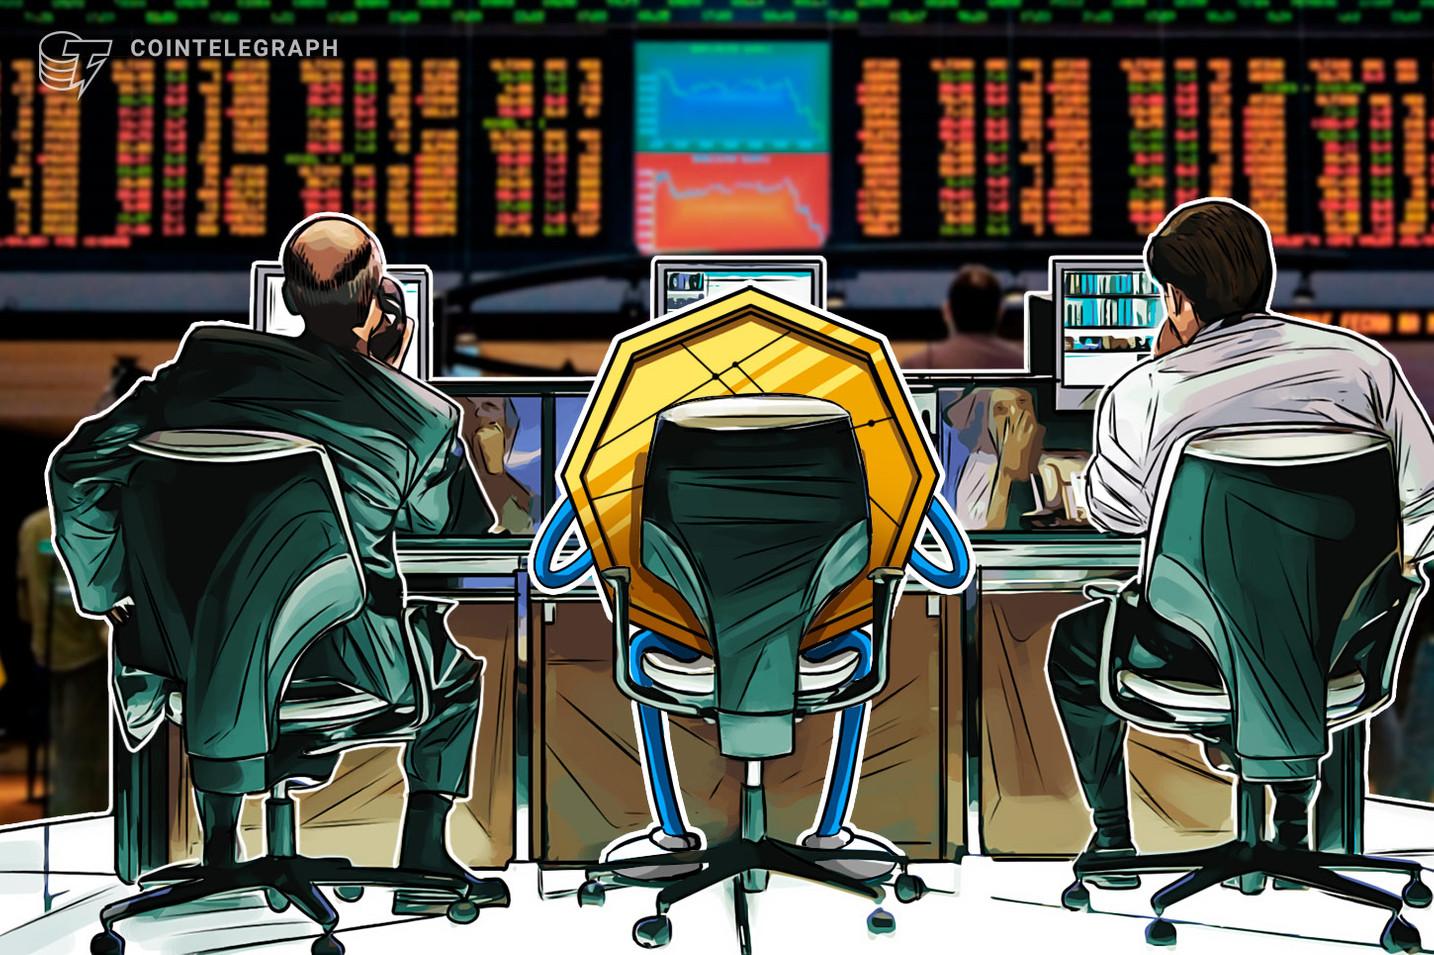 Los traders profesionales compran la caída del precio de Bitcoin mientras los inversores minoristas se lanzan a por las altcoins